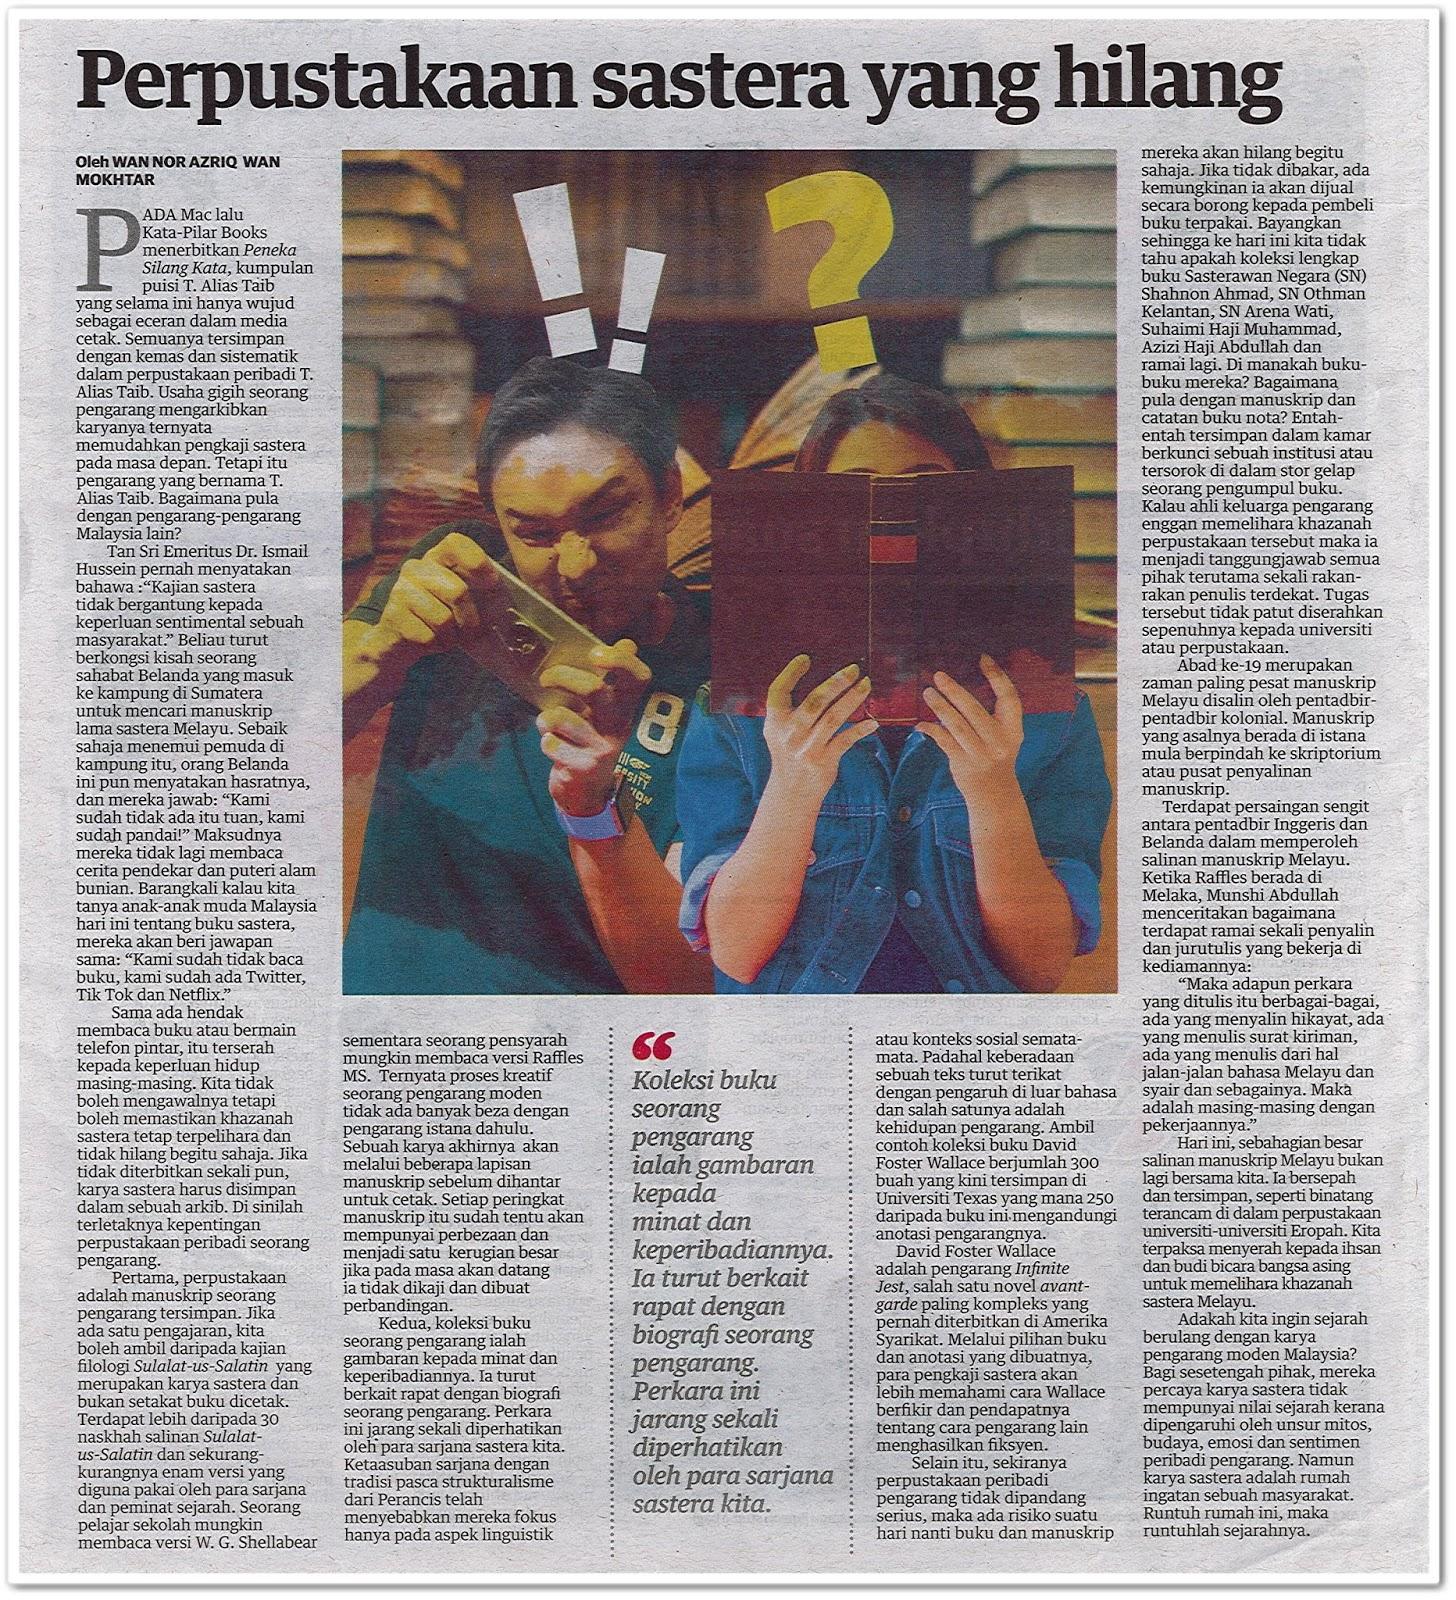 Perpustakaan sastera yang hilang - Keratan akhbar Mingguan Malaysia 2 Jun 2019